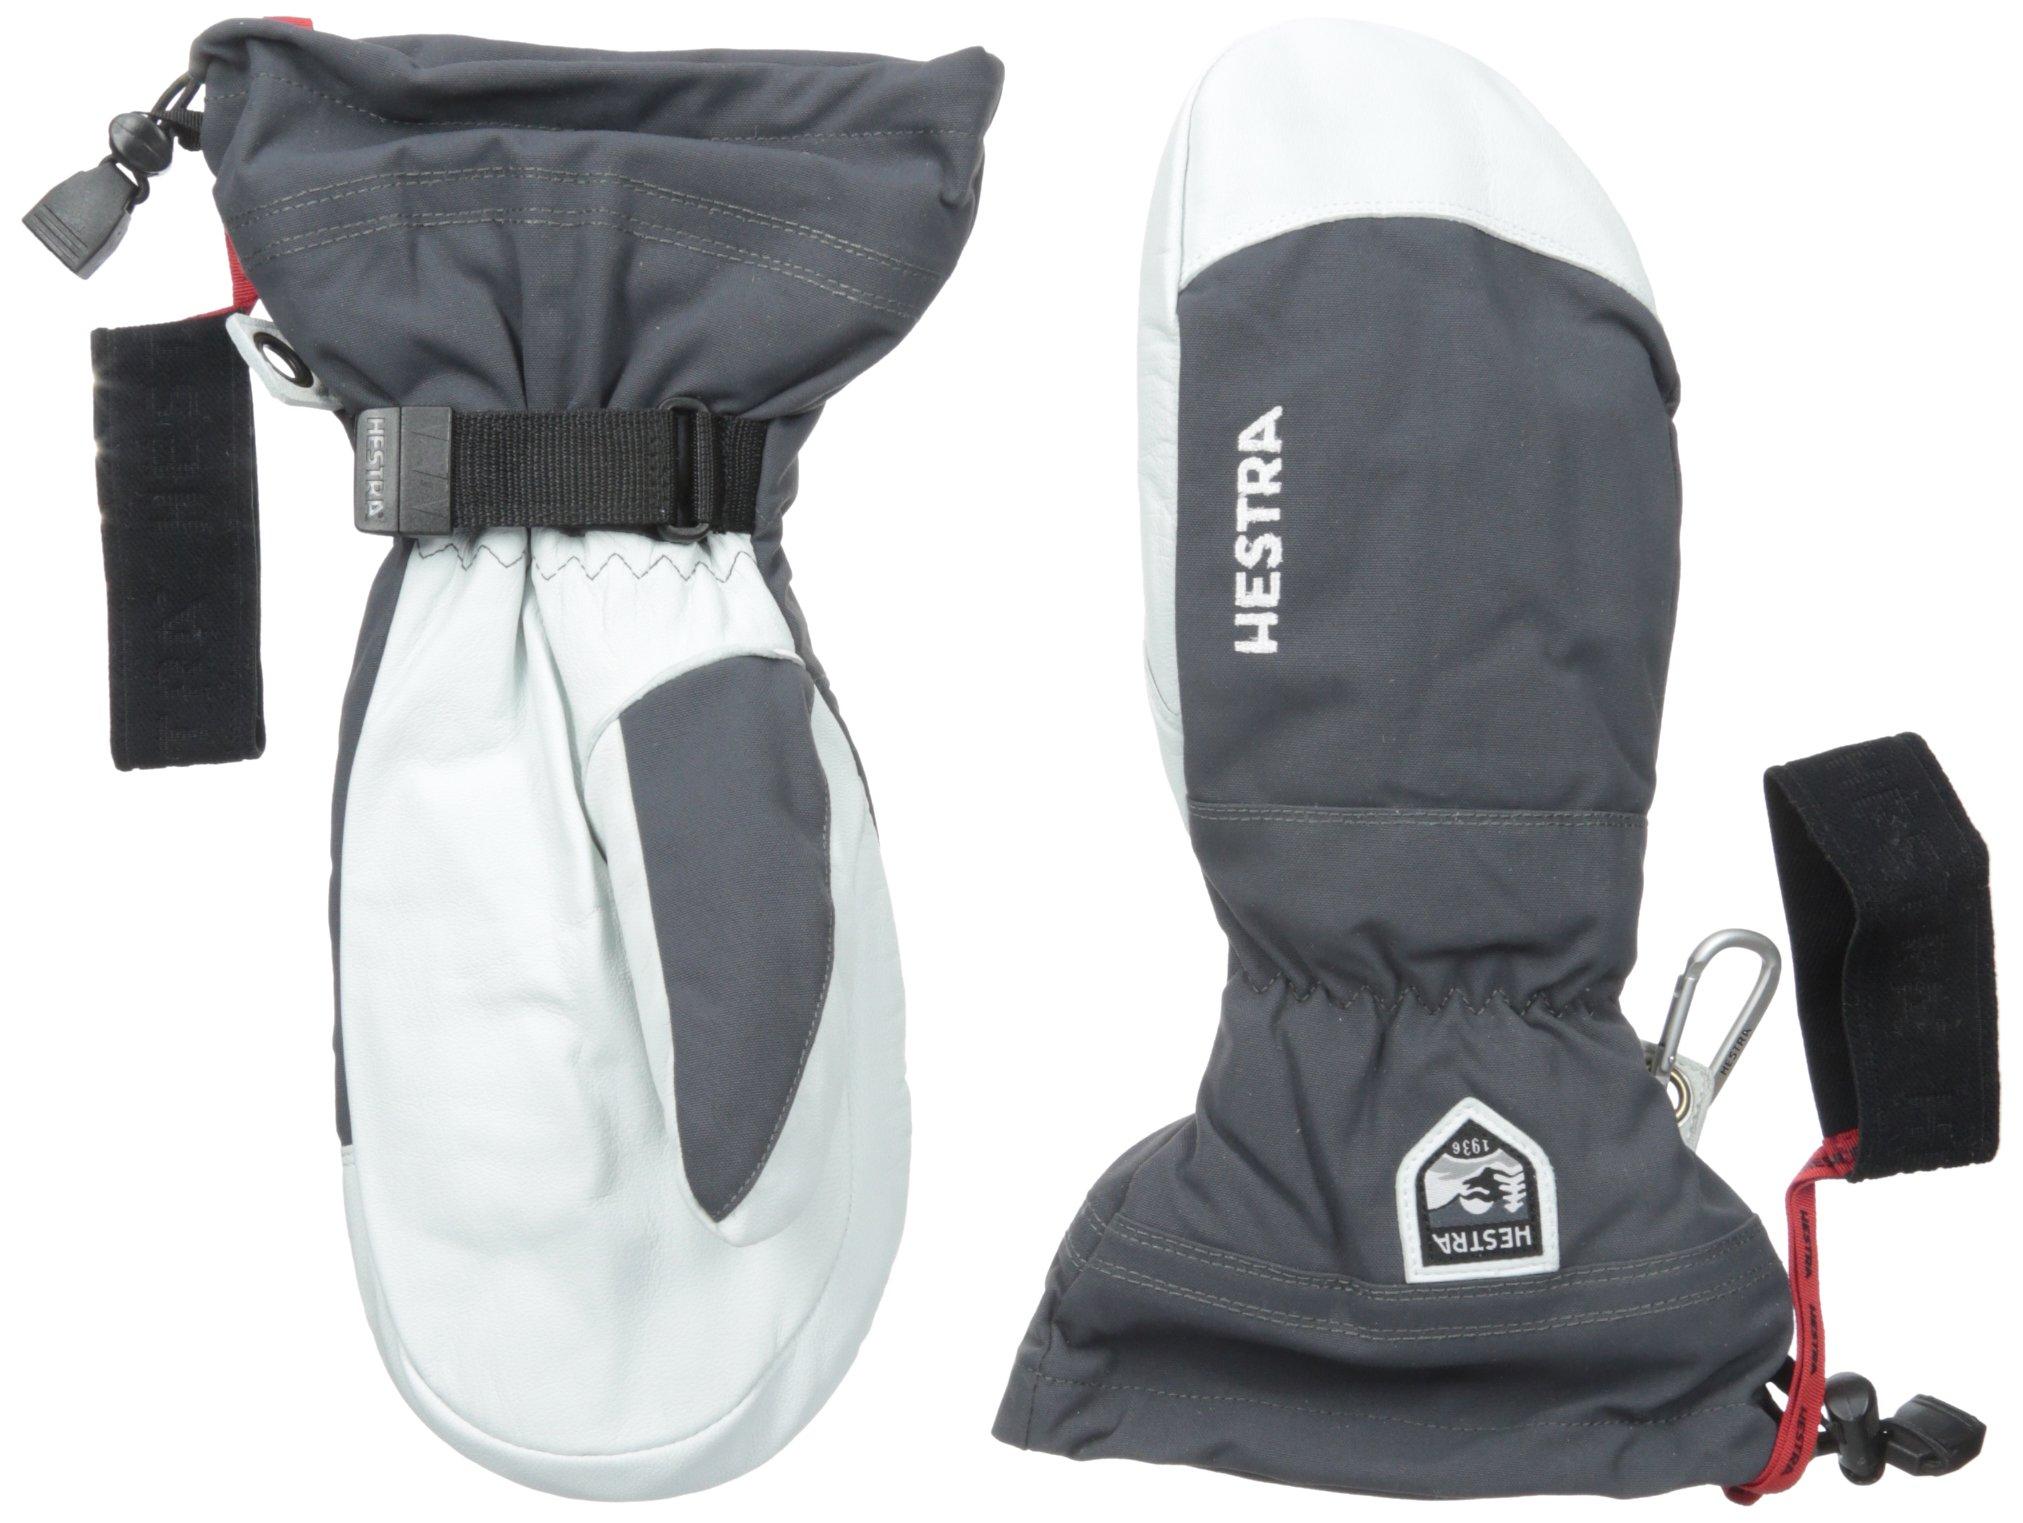 Hestra Army Leather Heli Ski Mitt, Grey, 9